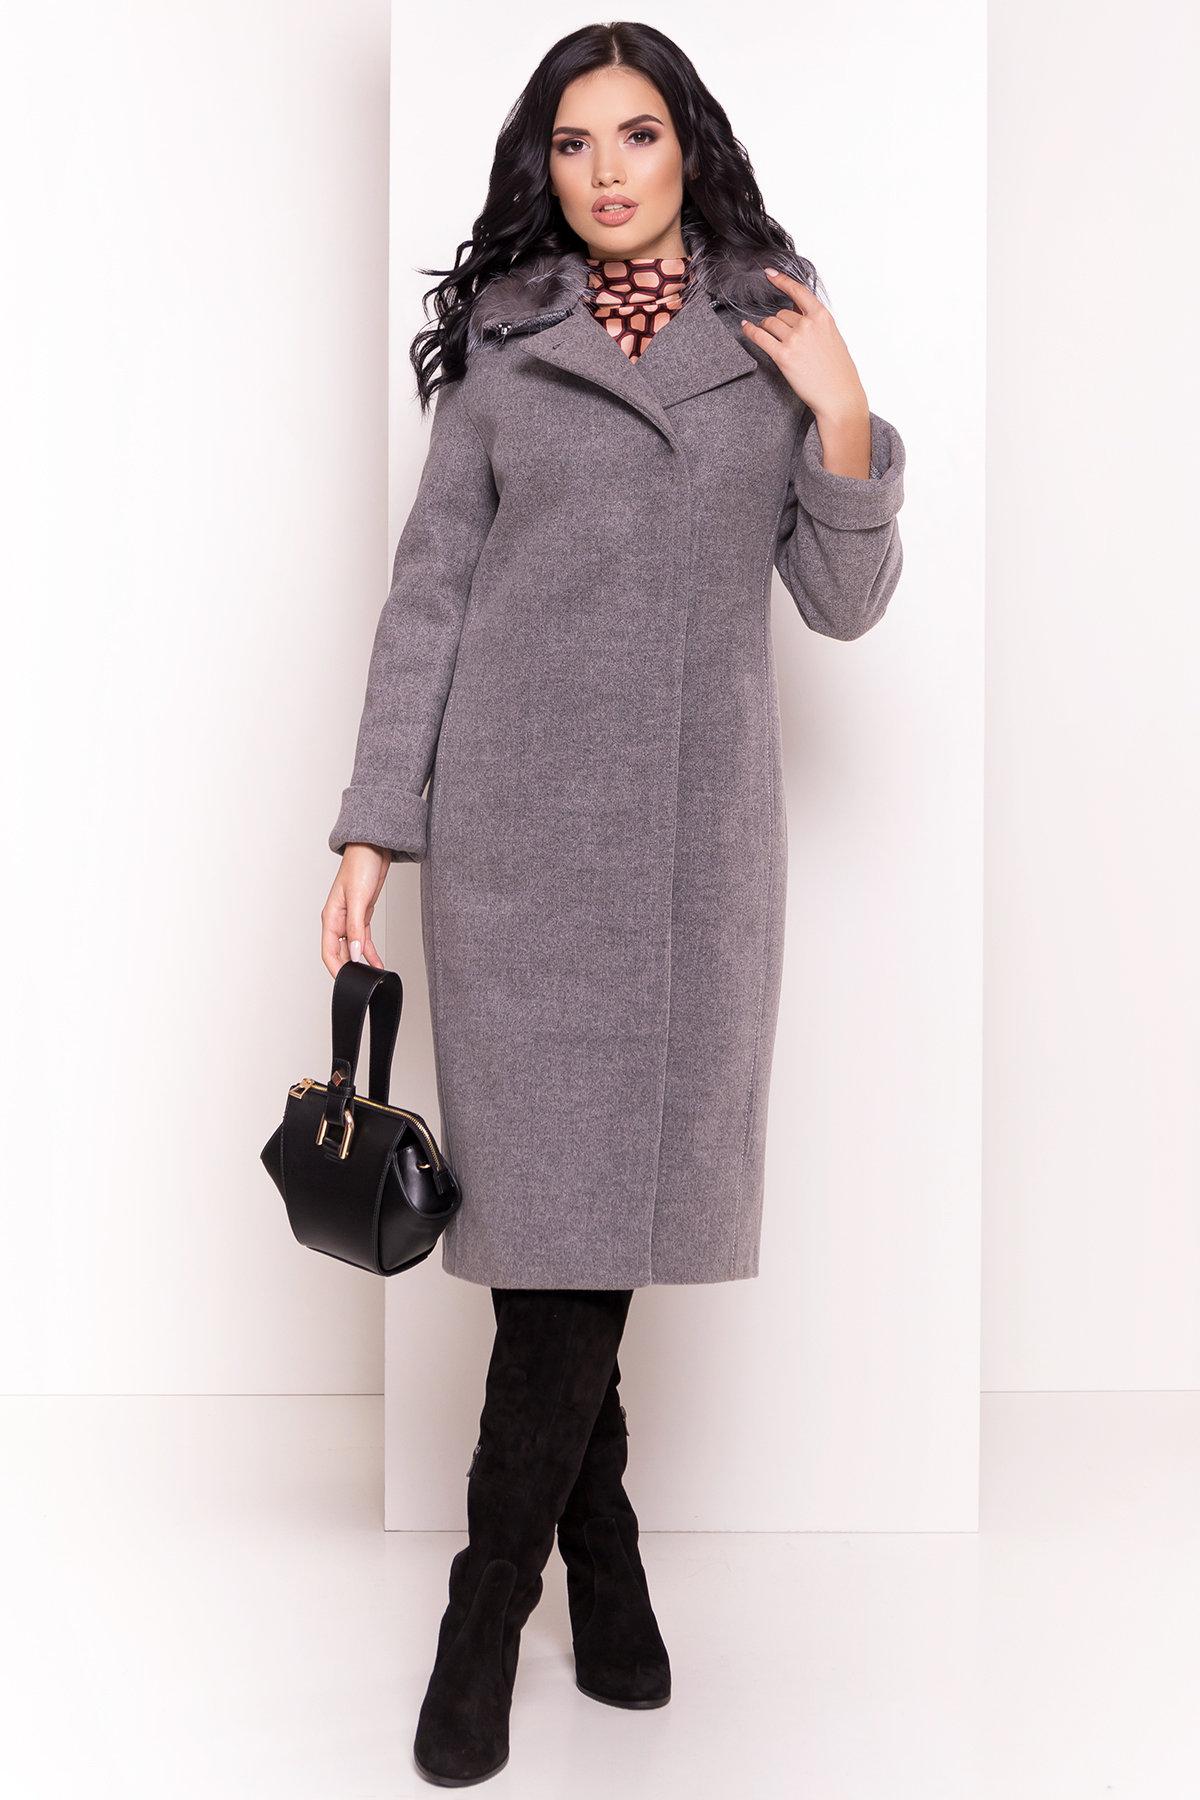 Зимнее приталенное пальто с поясом Богема 5706 АРТ. 38000 Цвет: Серый 18 - фото 4, интернет магазин tm-modus.ru